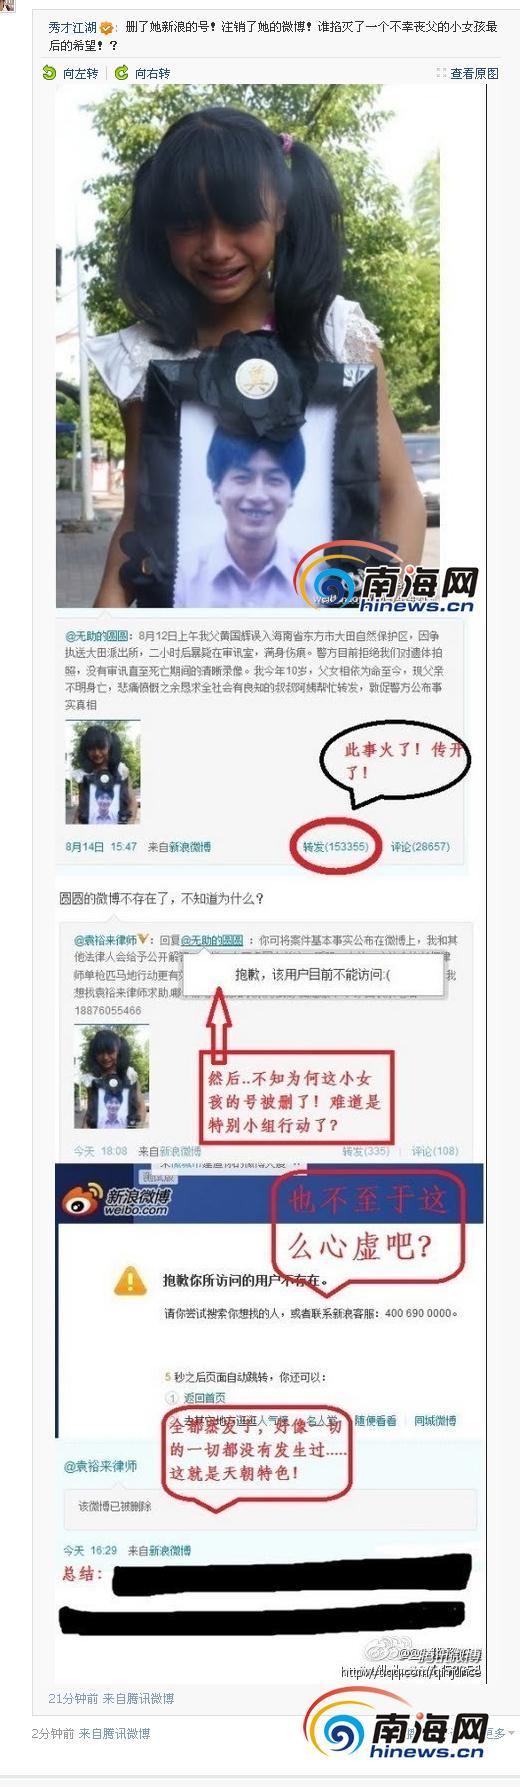 微博疯传男子审讯室暴毙 海南东方市拒绝回